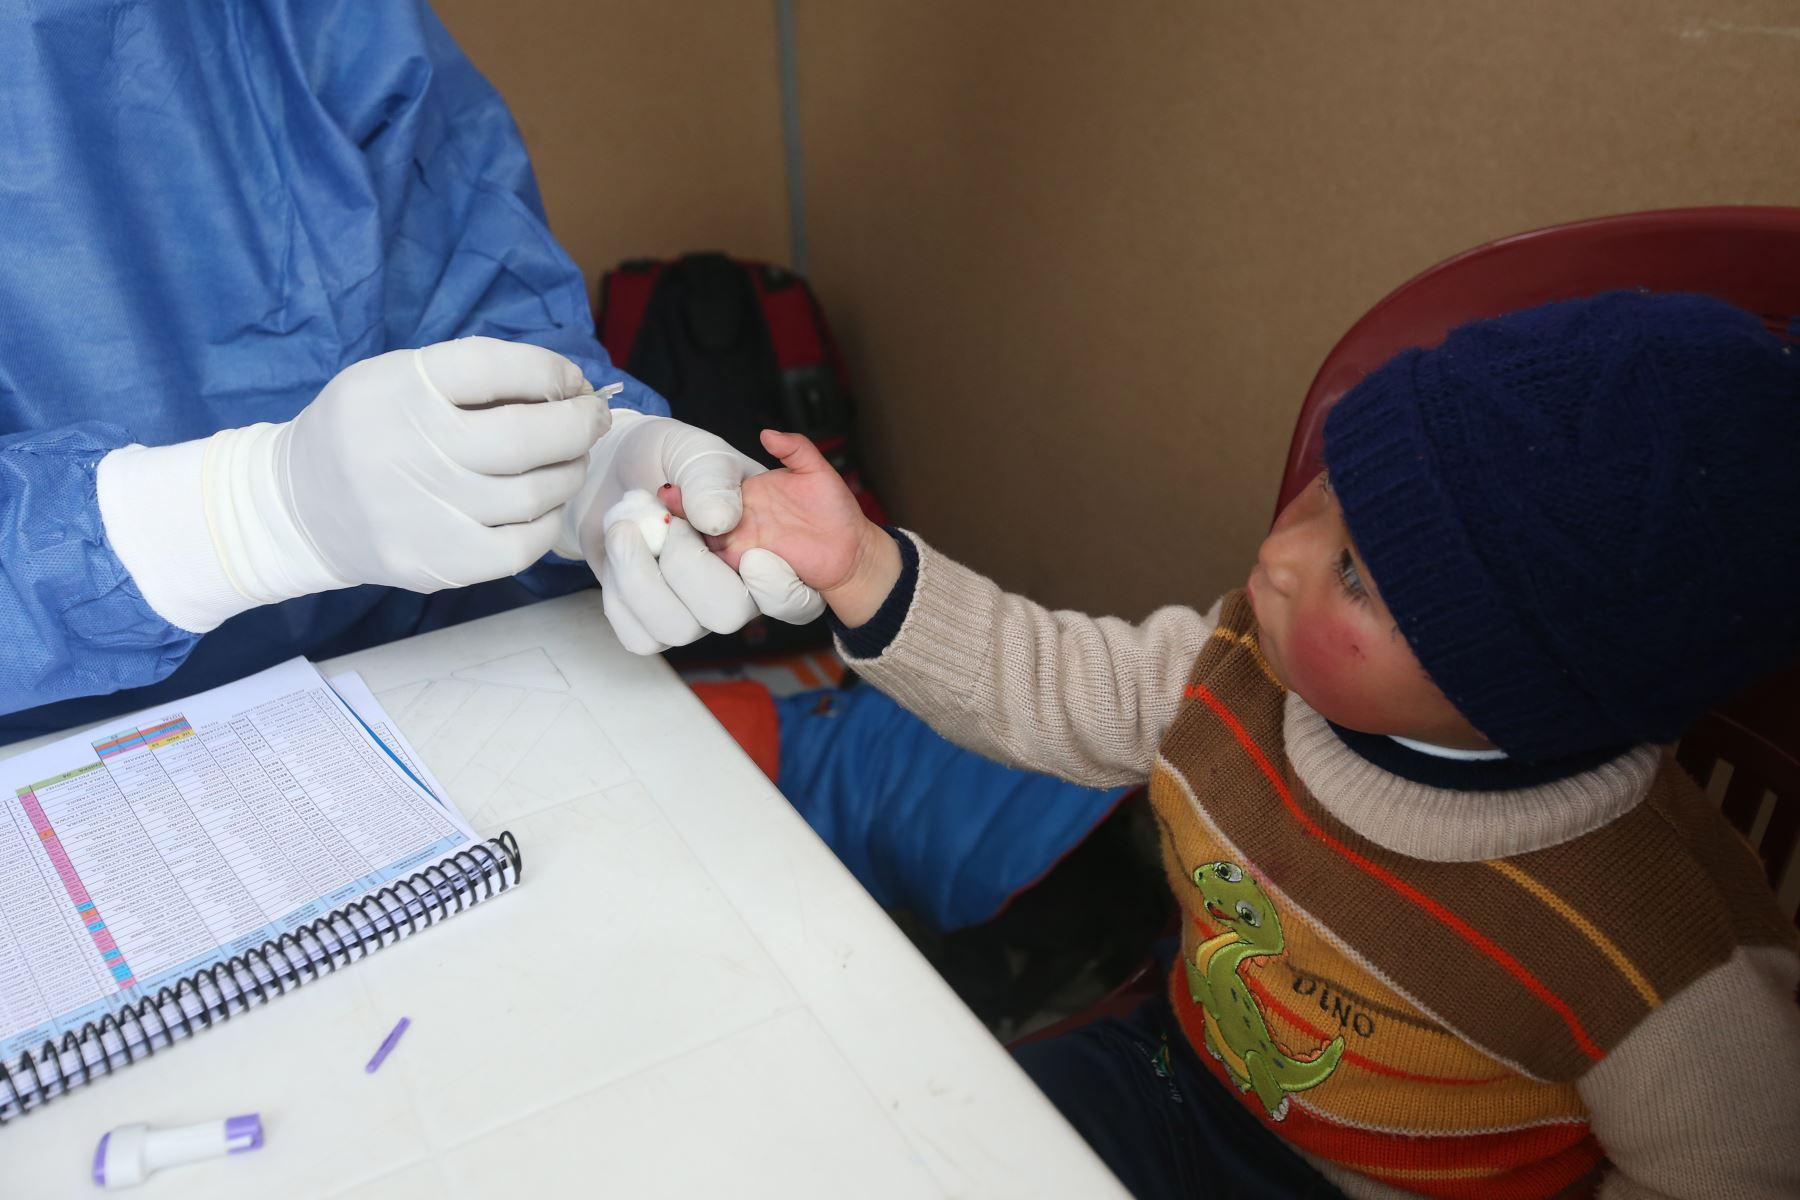 En la campaña de salud, realizan pruebas para detectar carencia de hierro a todos los niños. Foto: ANDINA/Vidal Tarqui